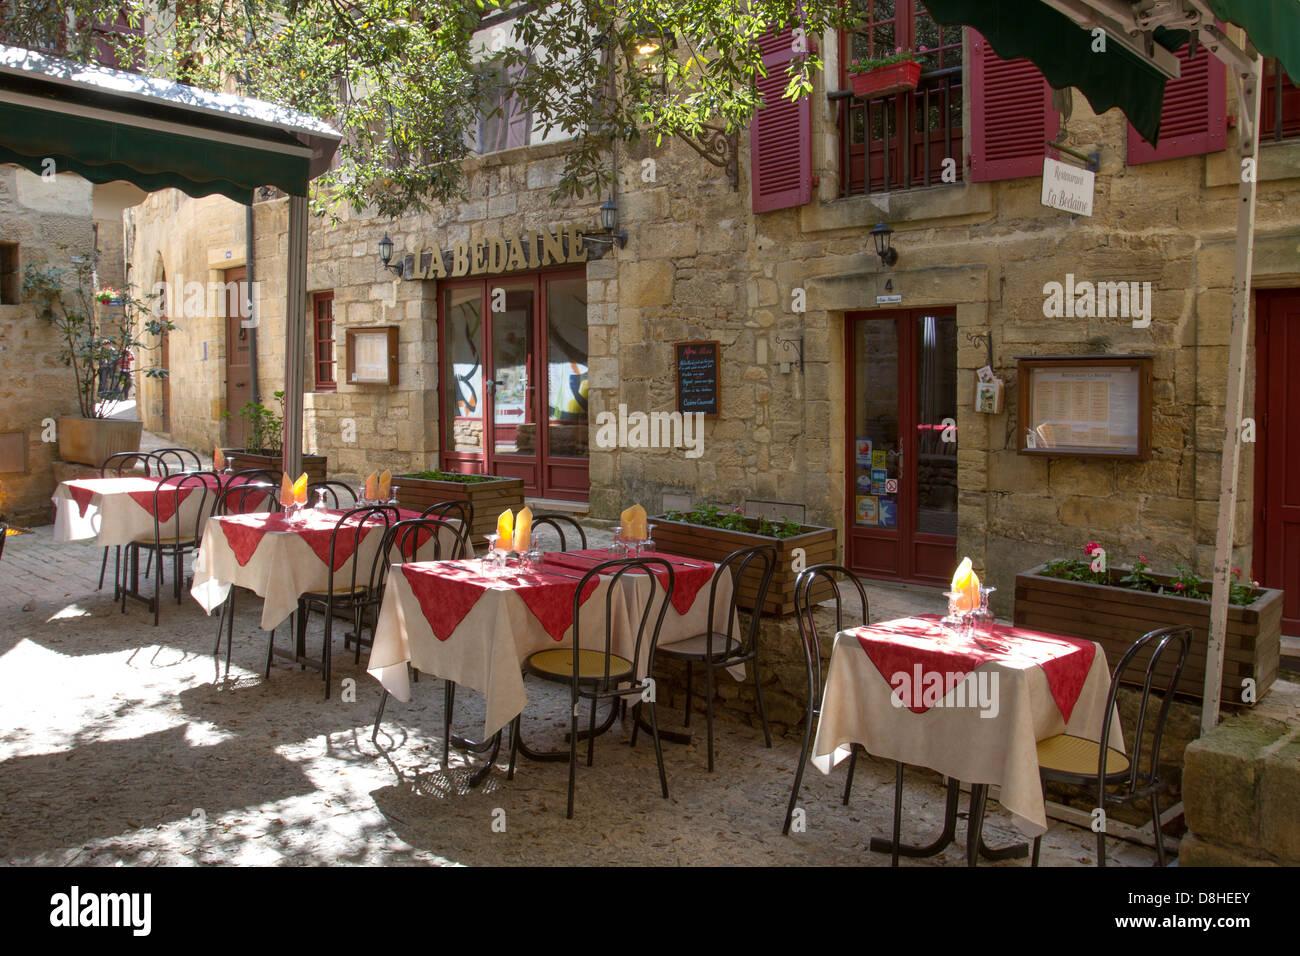 Sun-tonos patio restaurant entre edificios de piedra arenisca en el encanto medieval de Sarlat, Dordogne, Francia Imagen De Stock